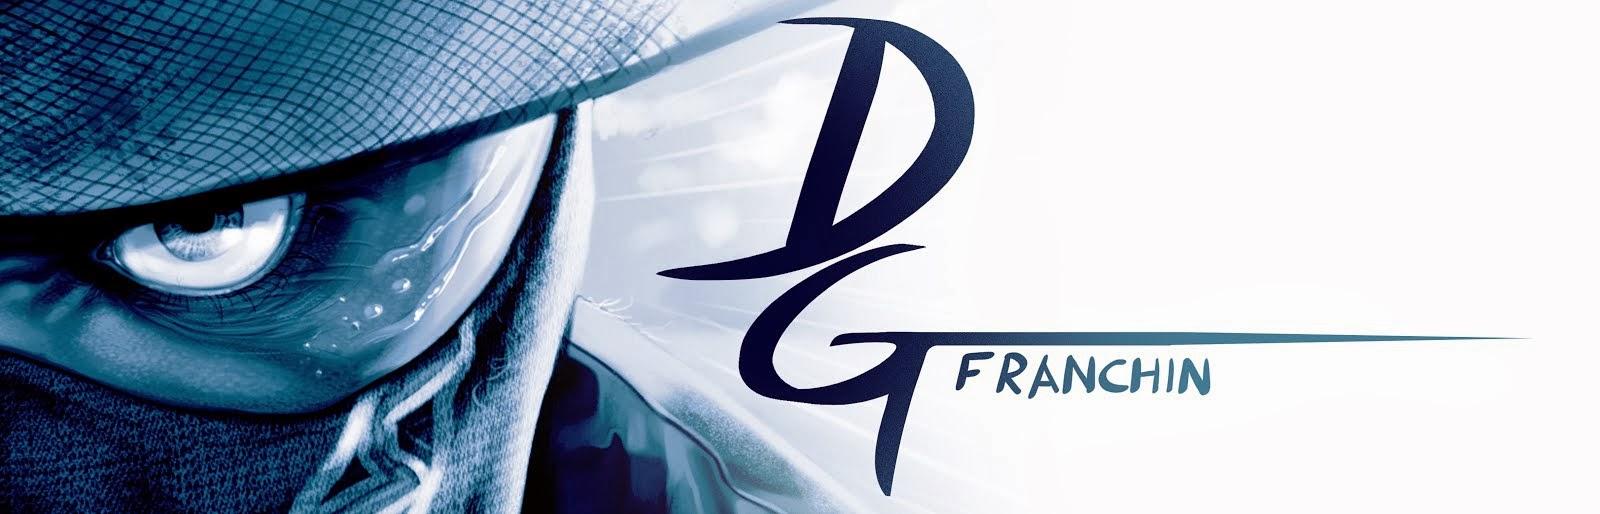 Douglas Franchin ( DG! )